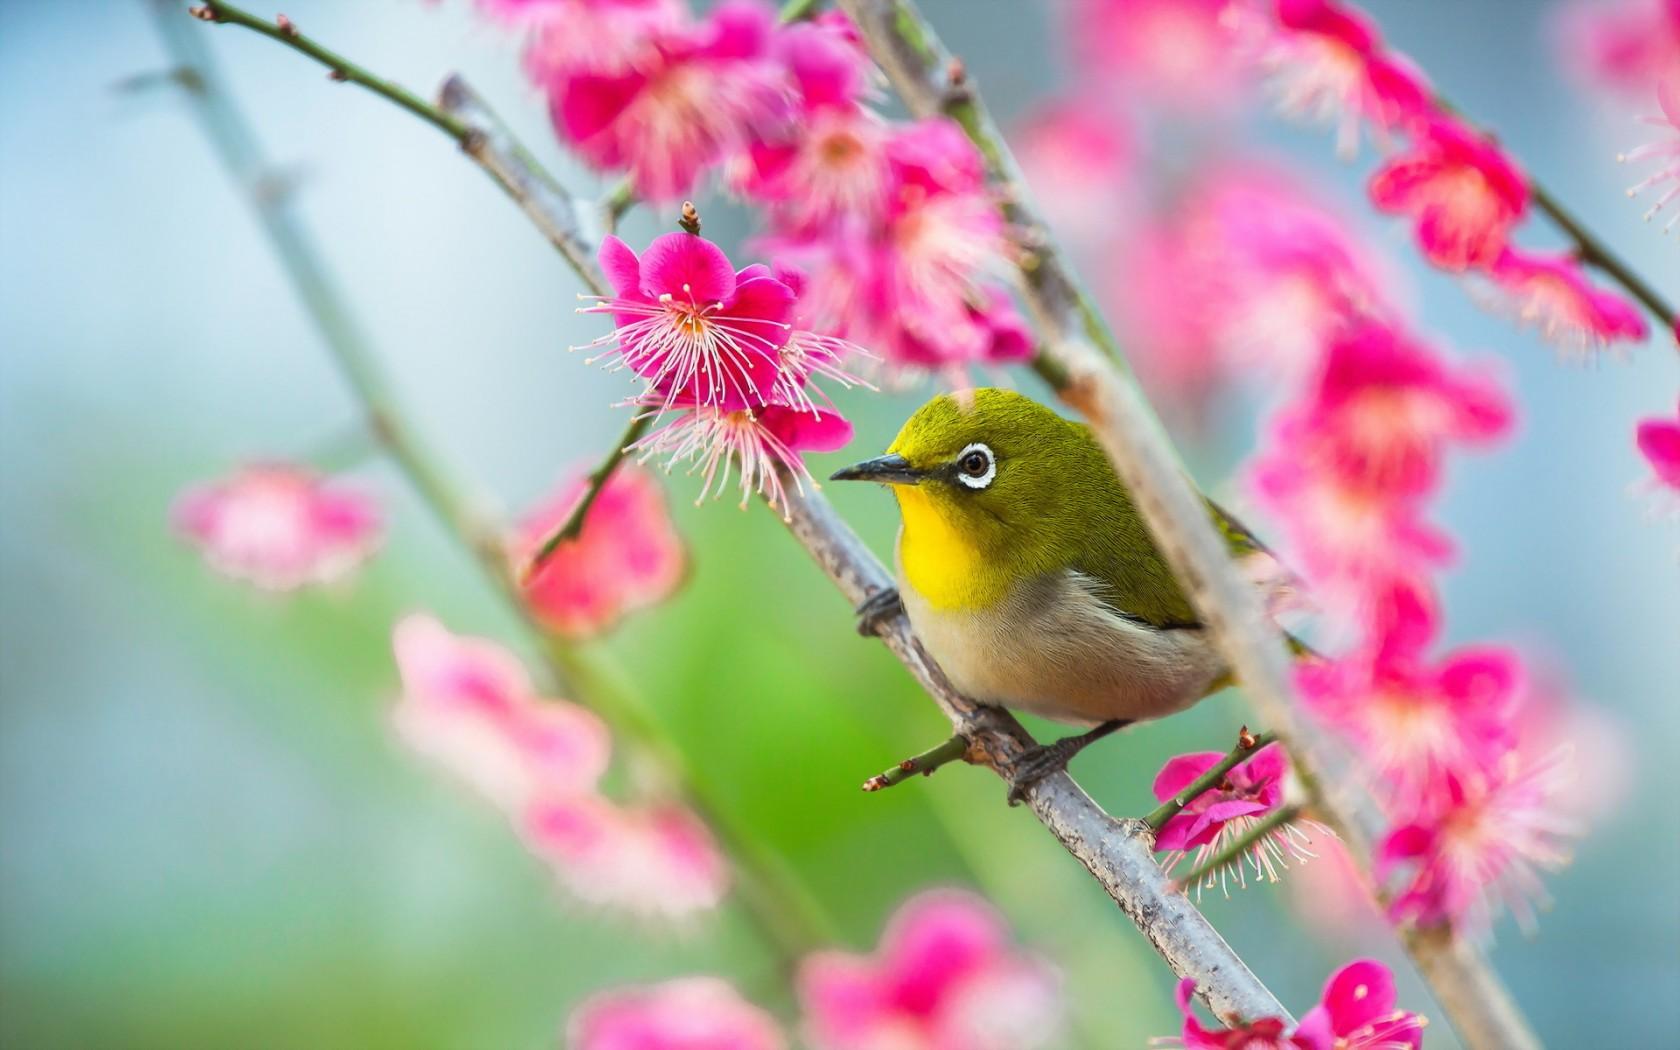 Bird Nature Close-Up Flowers HD Wallpaper